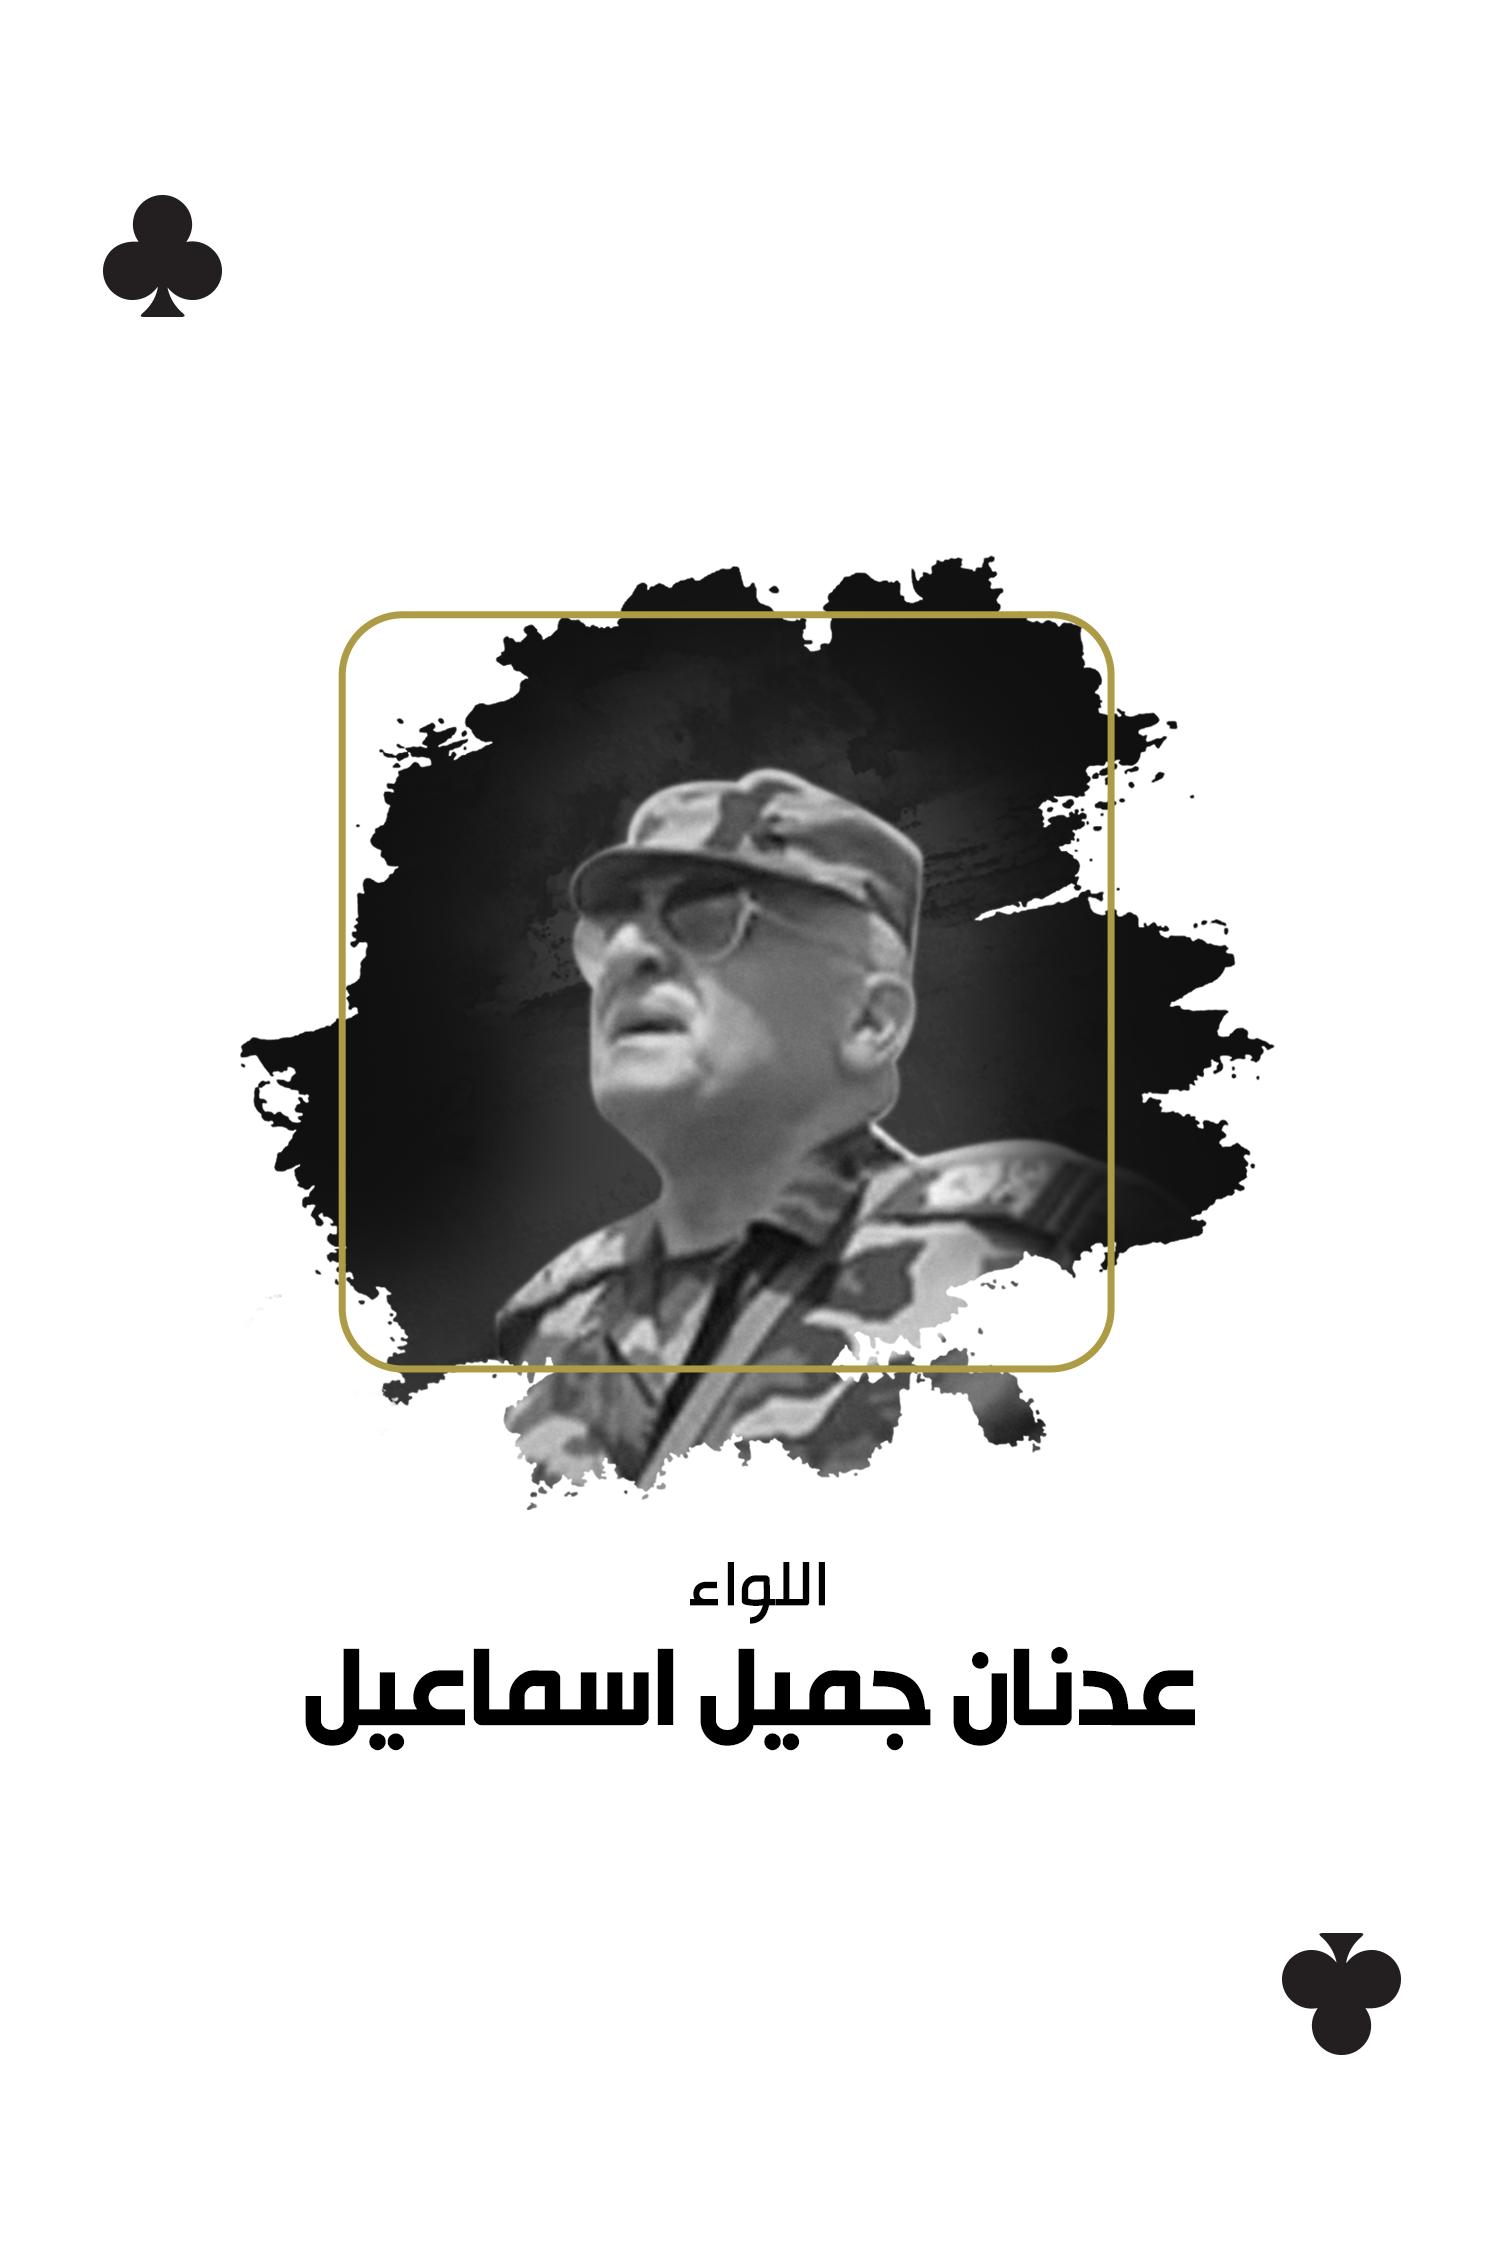 مع العدالة - اللواء عدنان جميل اسماعيل